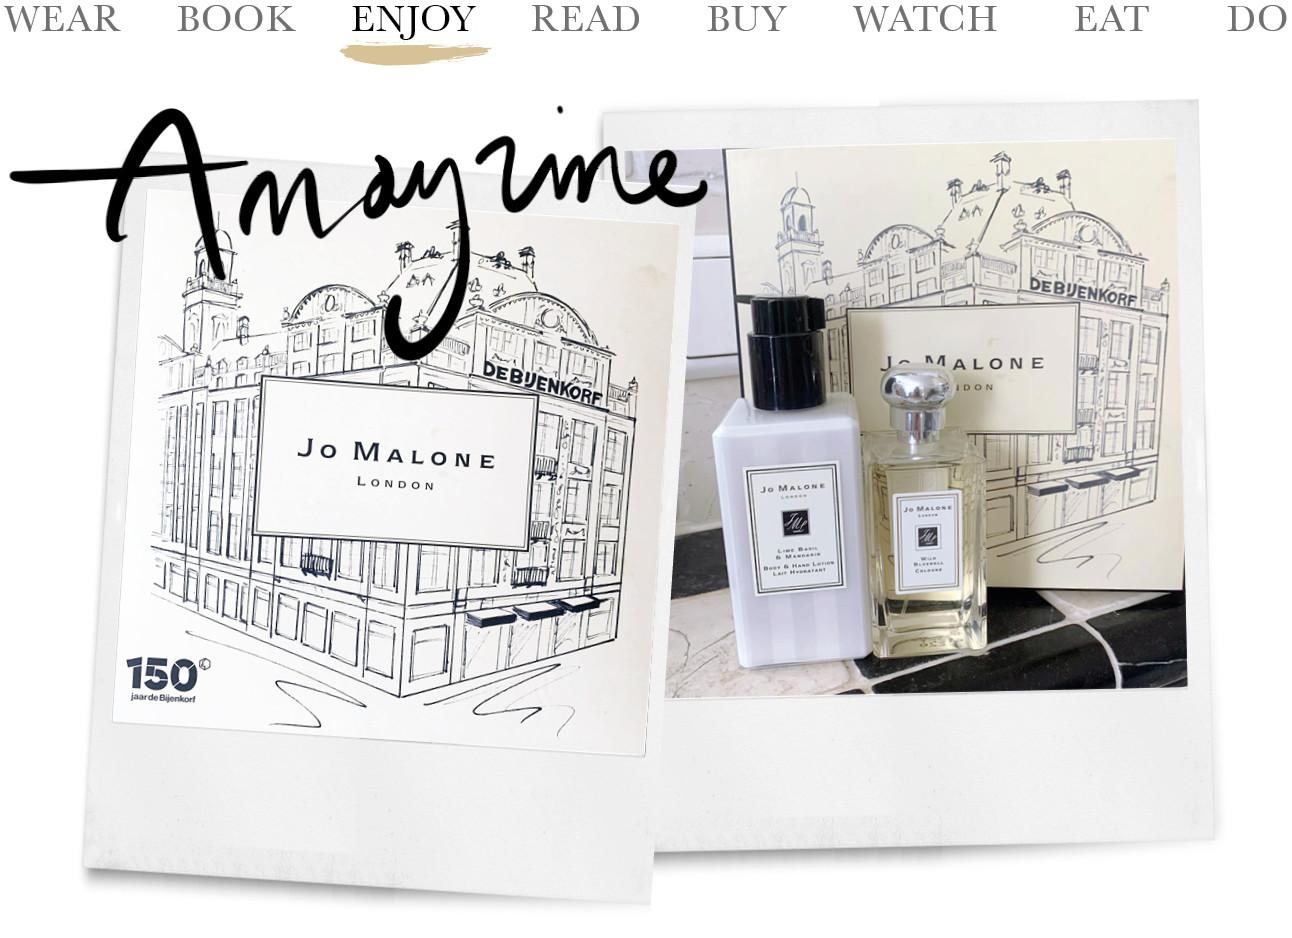 Jo Malone parfum de bijenkorf 150 jaar